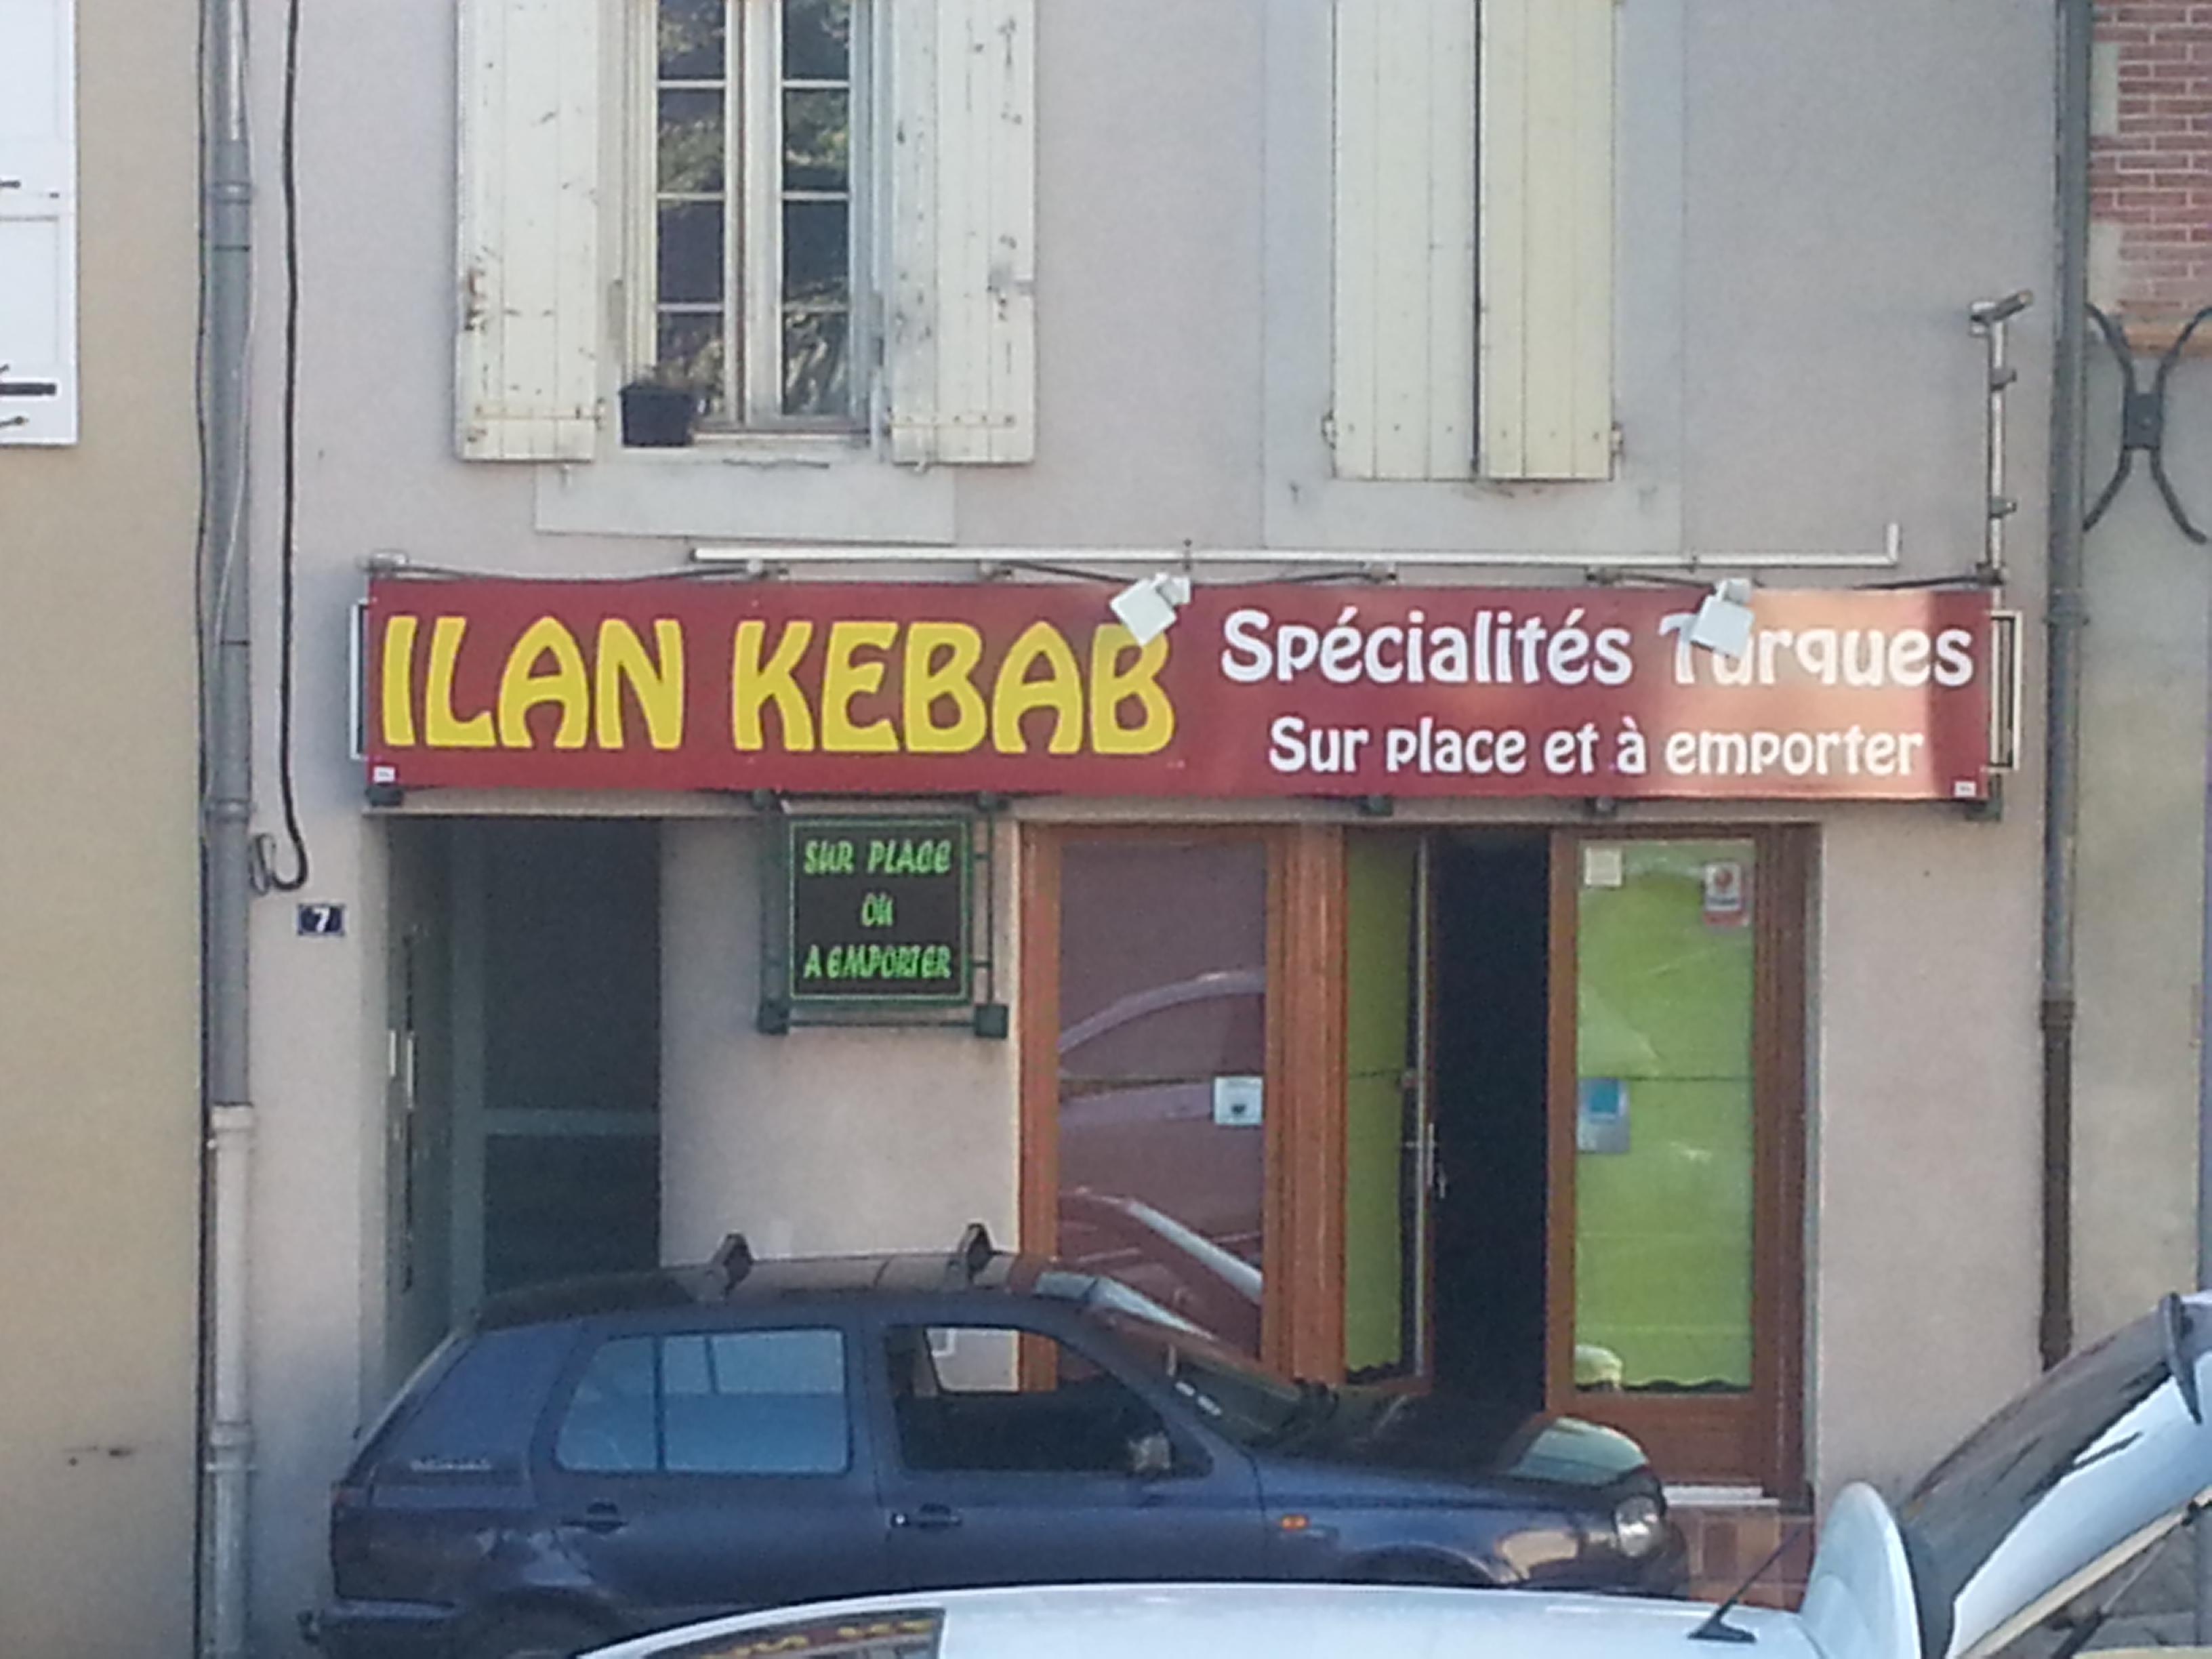 Ilan Kebab - Castelnaudary